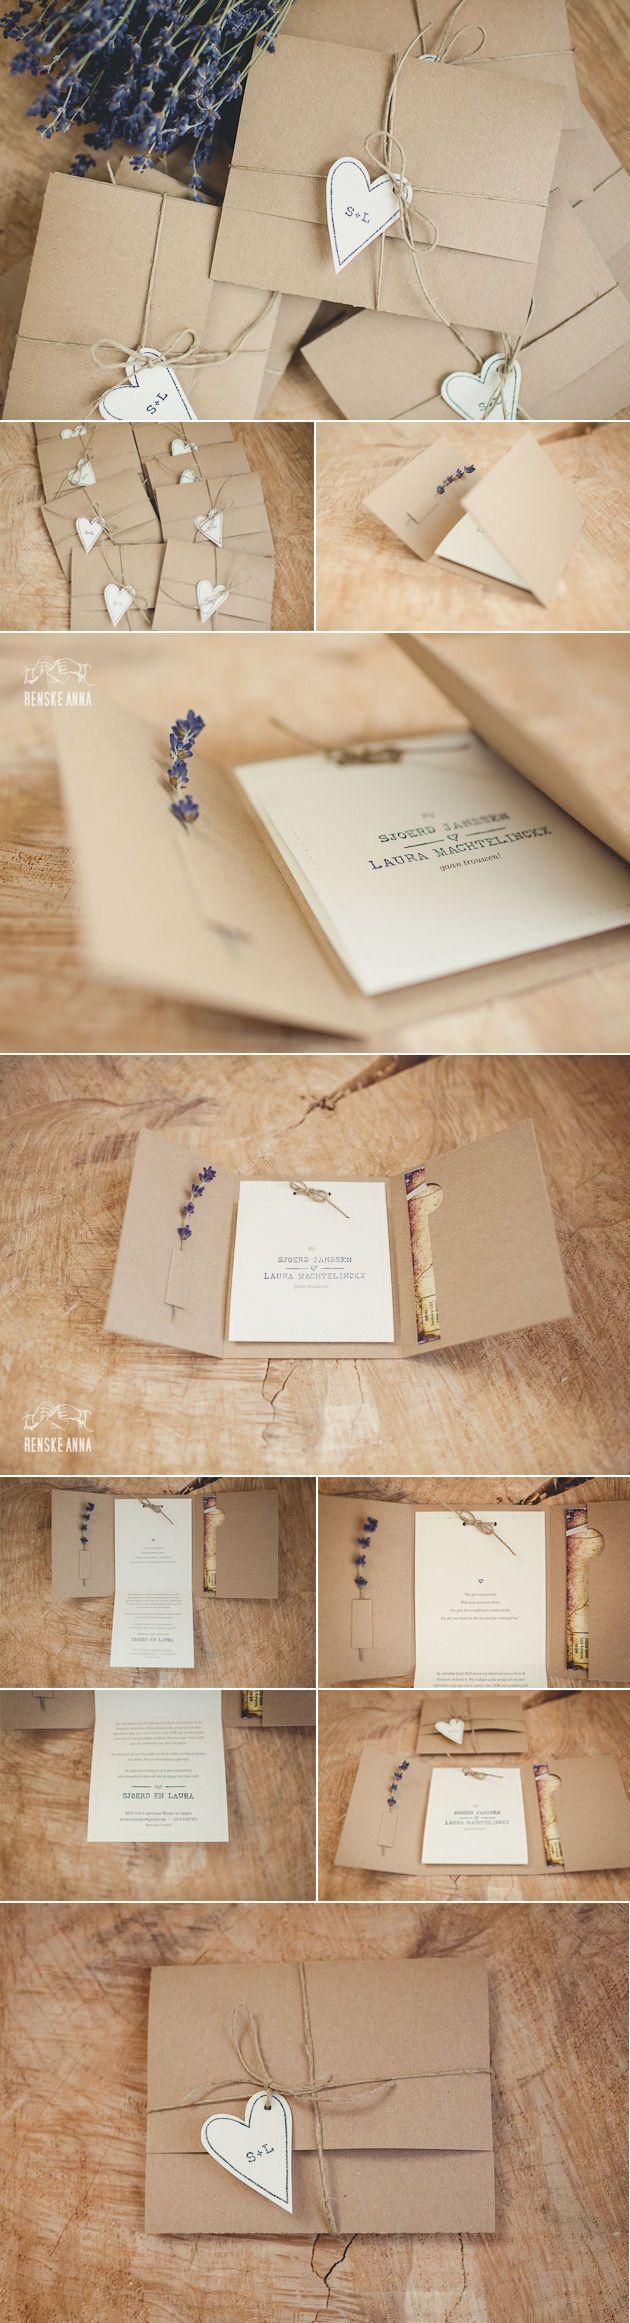 30+ Rustic Wedding Theme Ideas - WeddingInclude